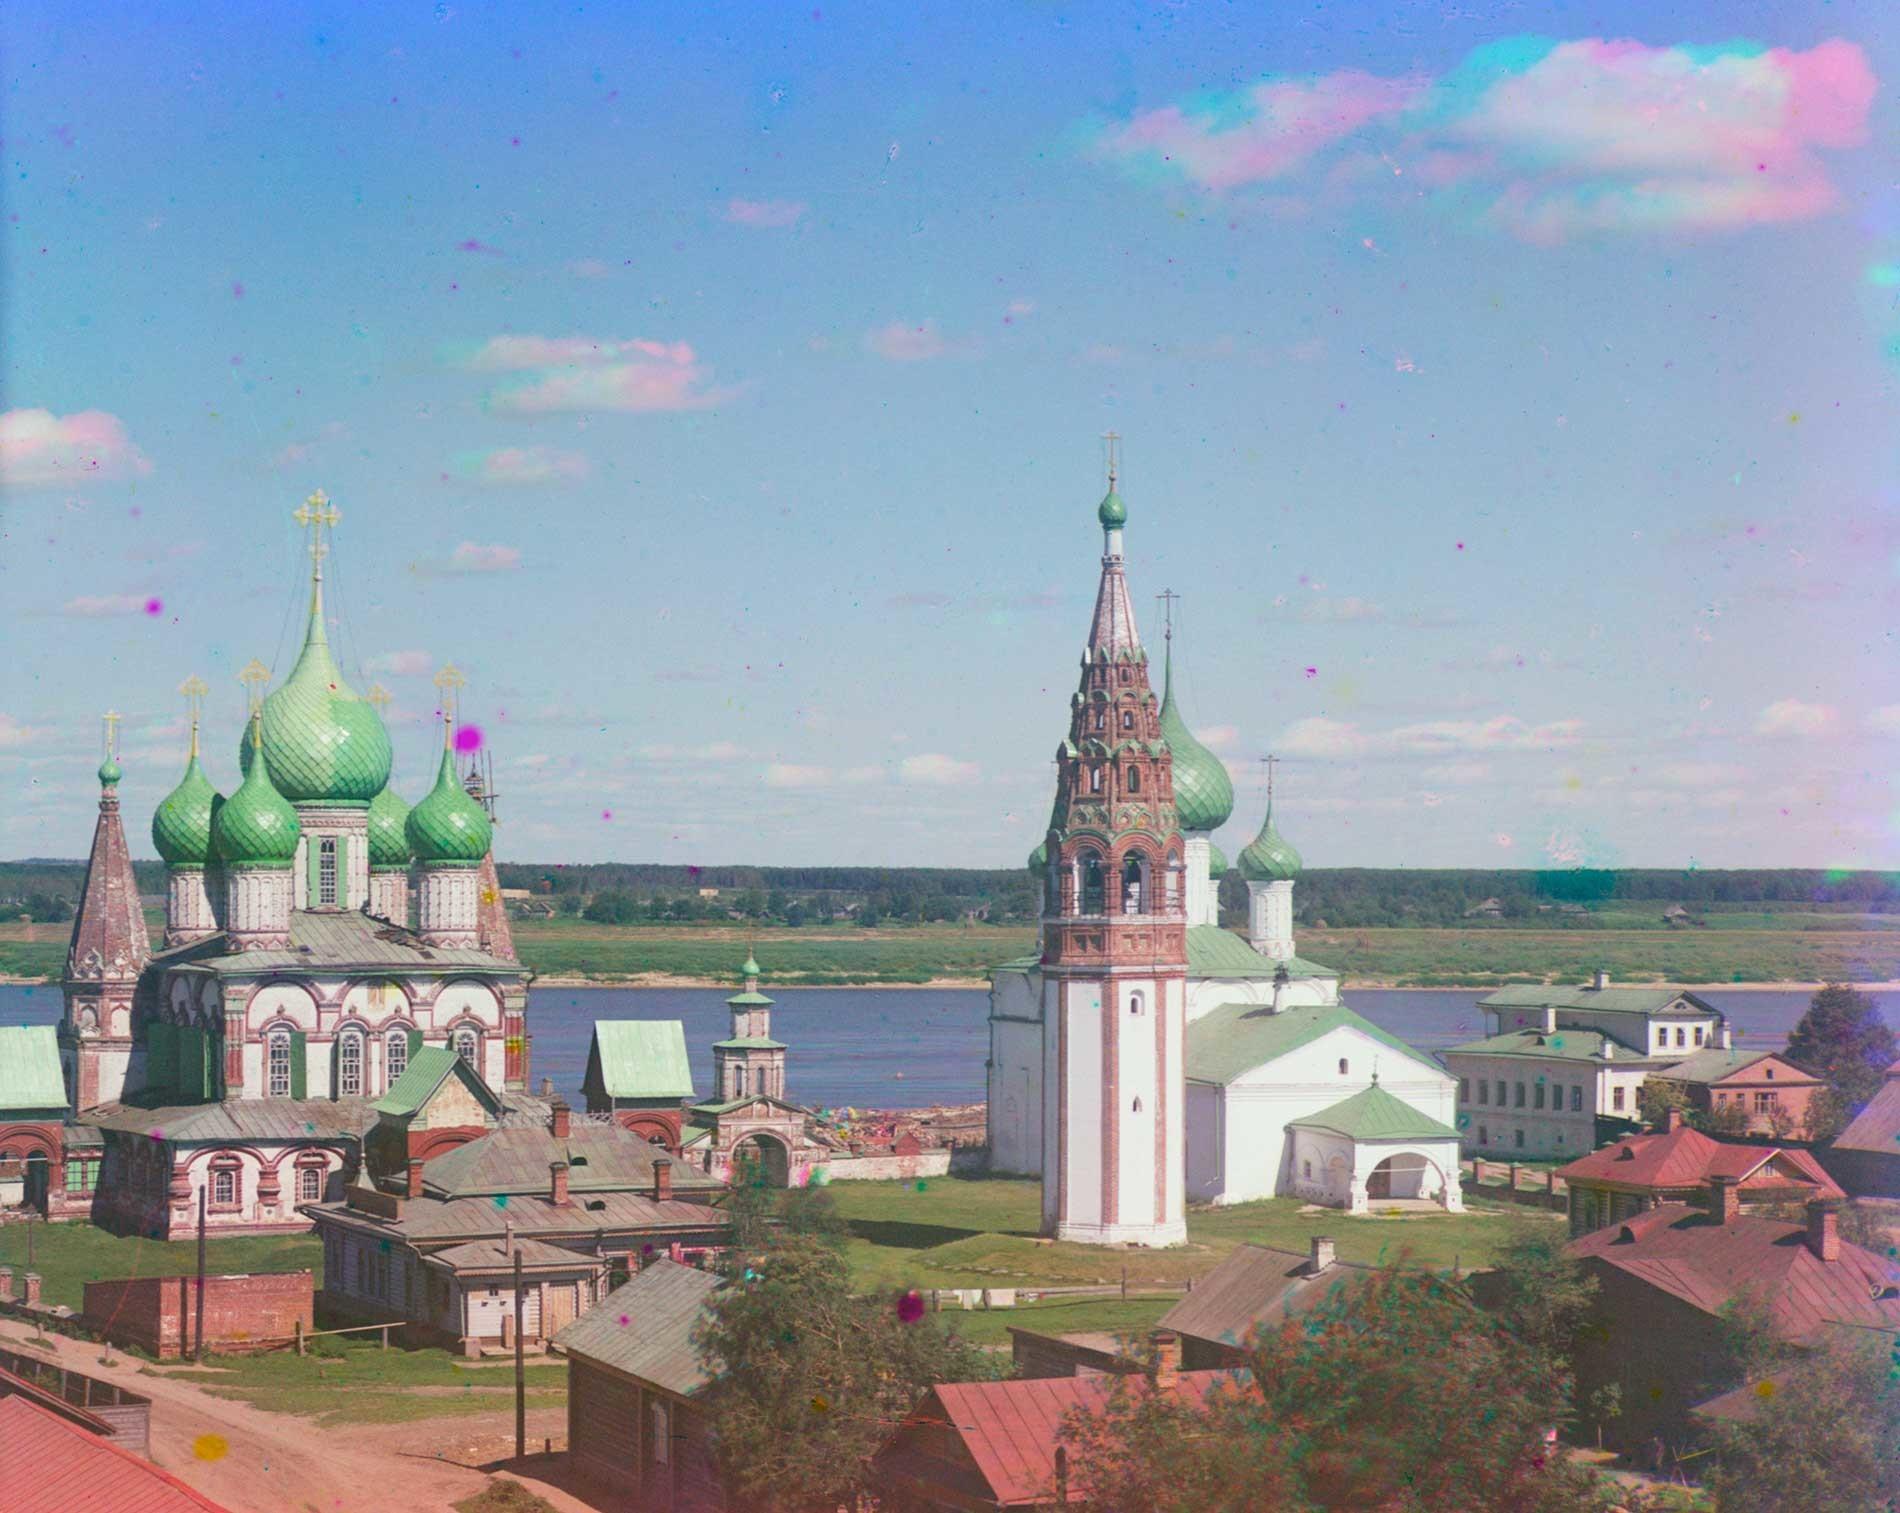 Conjunto Koróvniki: Iglesia de San Juan Crisóstomo (a la izquierda), Puerta Santa, campanario, Iglesia del Icono de Vladímir. Vista noroeste. Al fondo: el río Volga.  Verano de 1911.